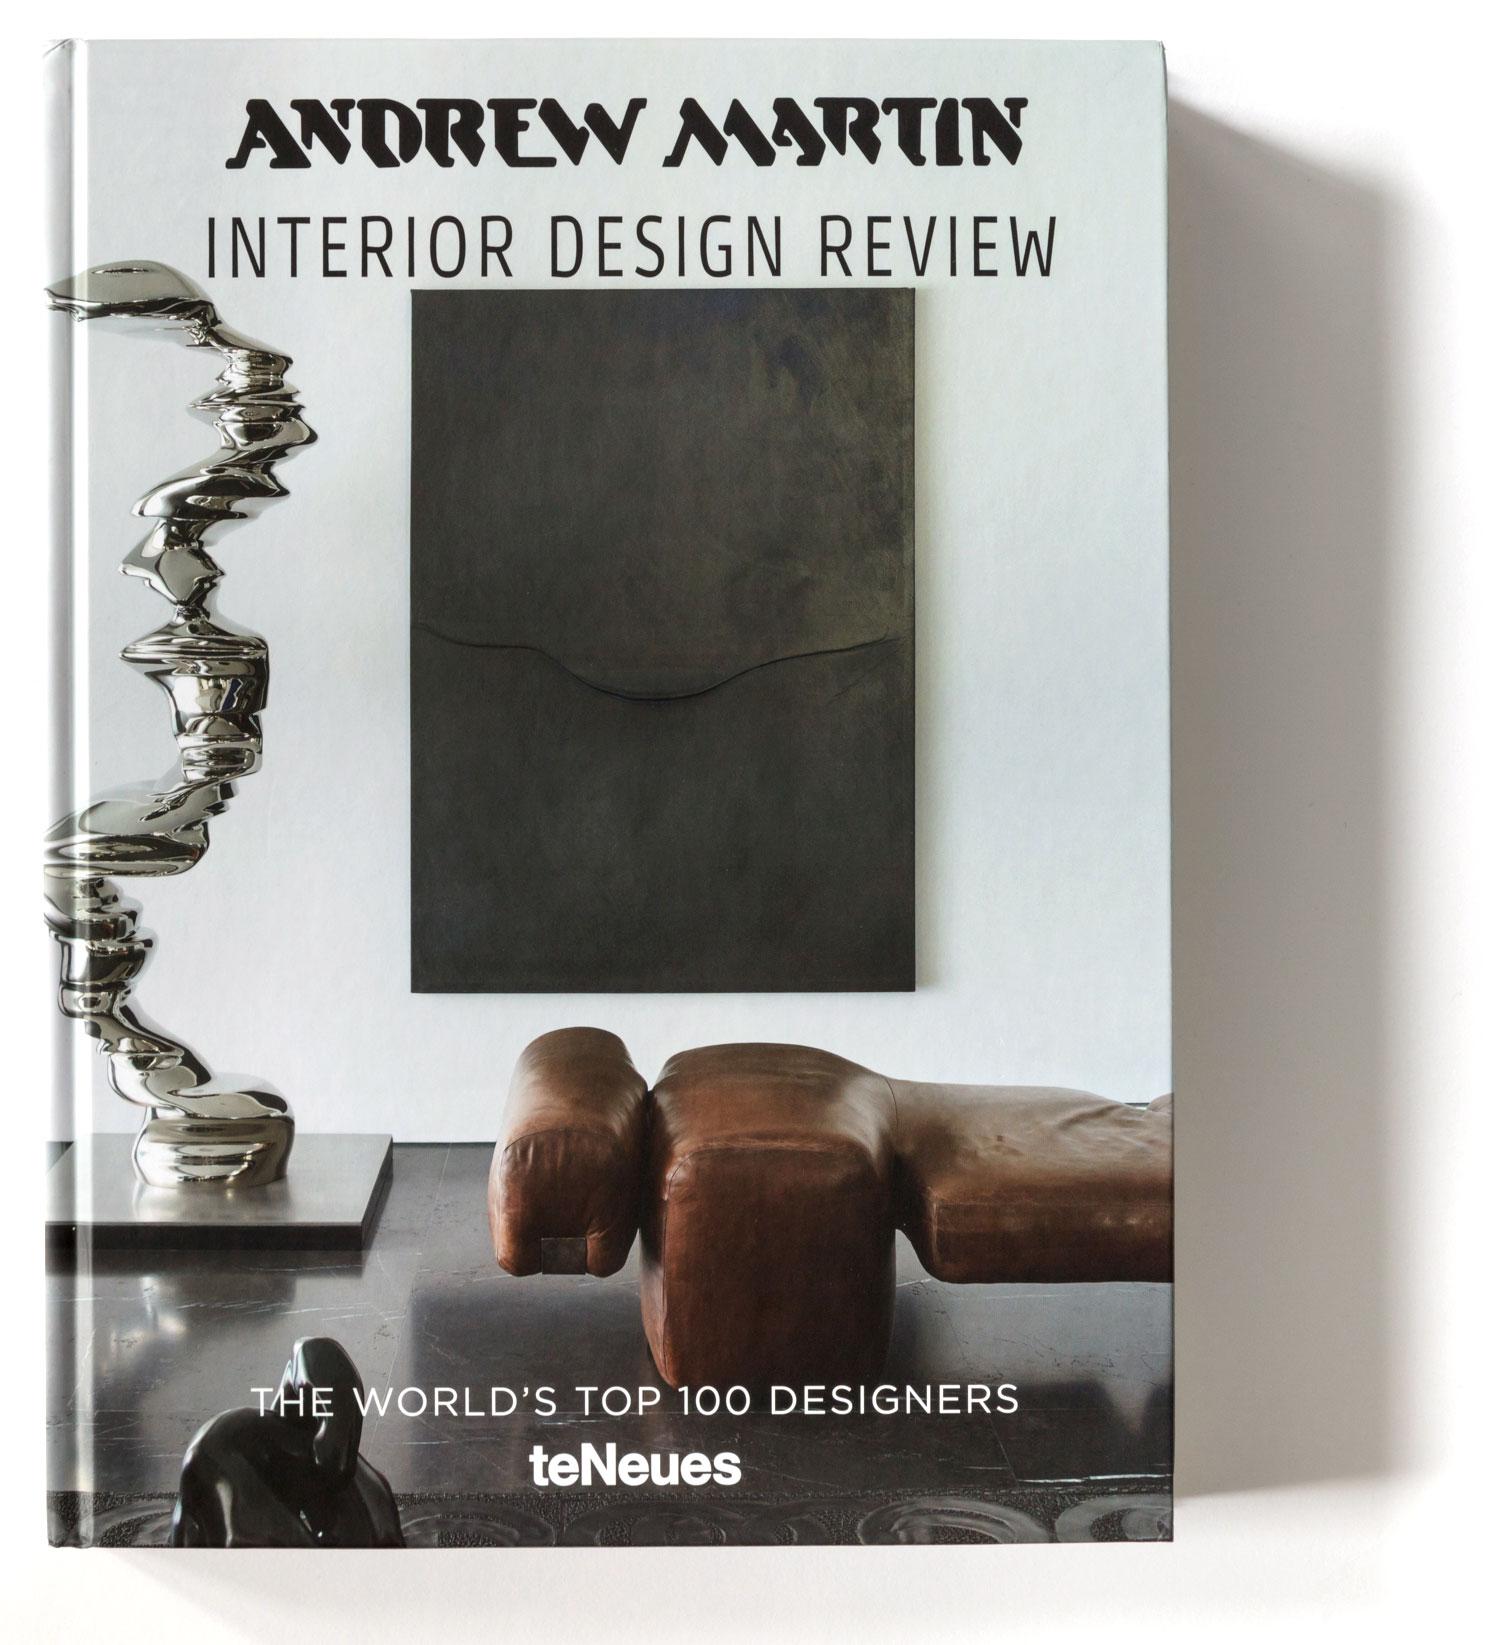 ANDREW MARTIN - INTERIOR DESIGN REVIEW - VOLUME 21 - TENEUS_2017 1